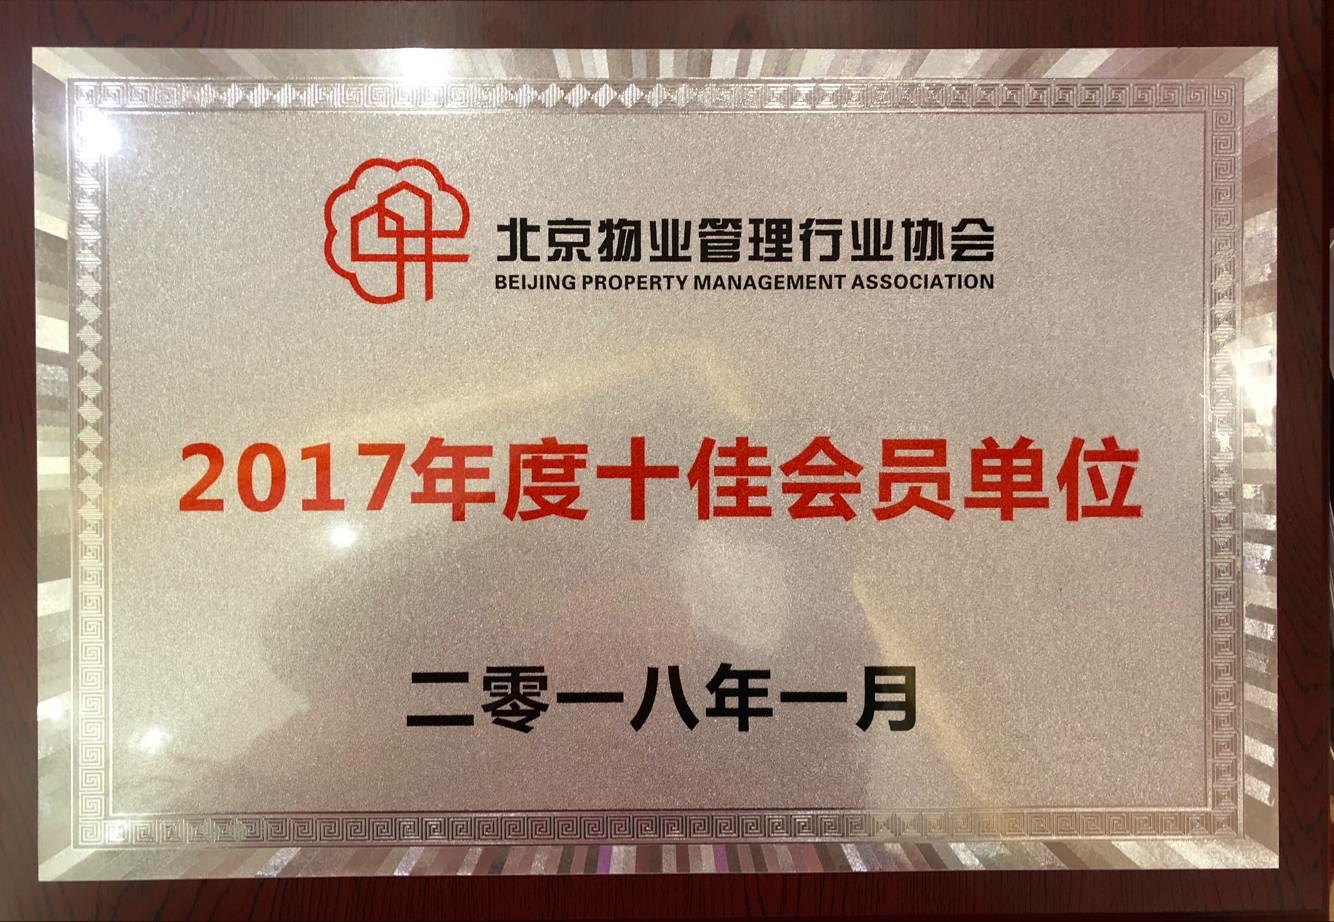 201801-2017年度十佳会员单位